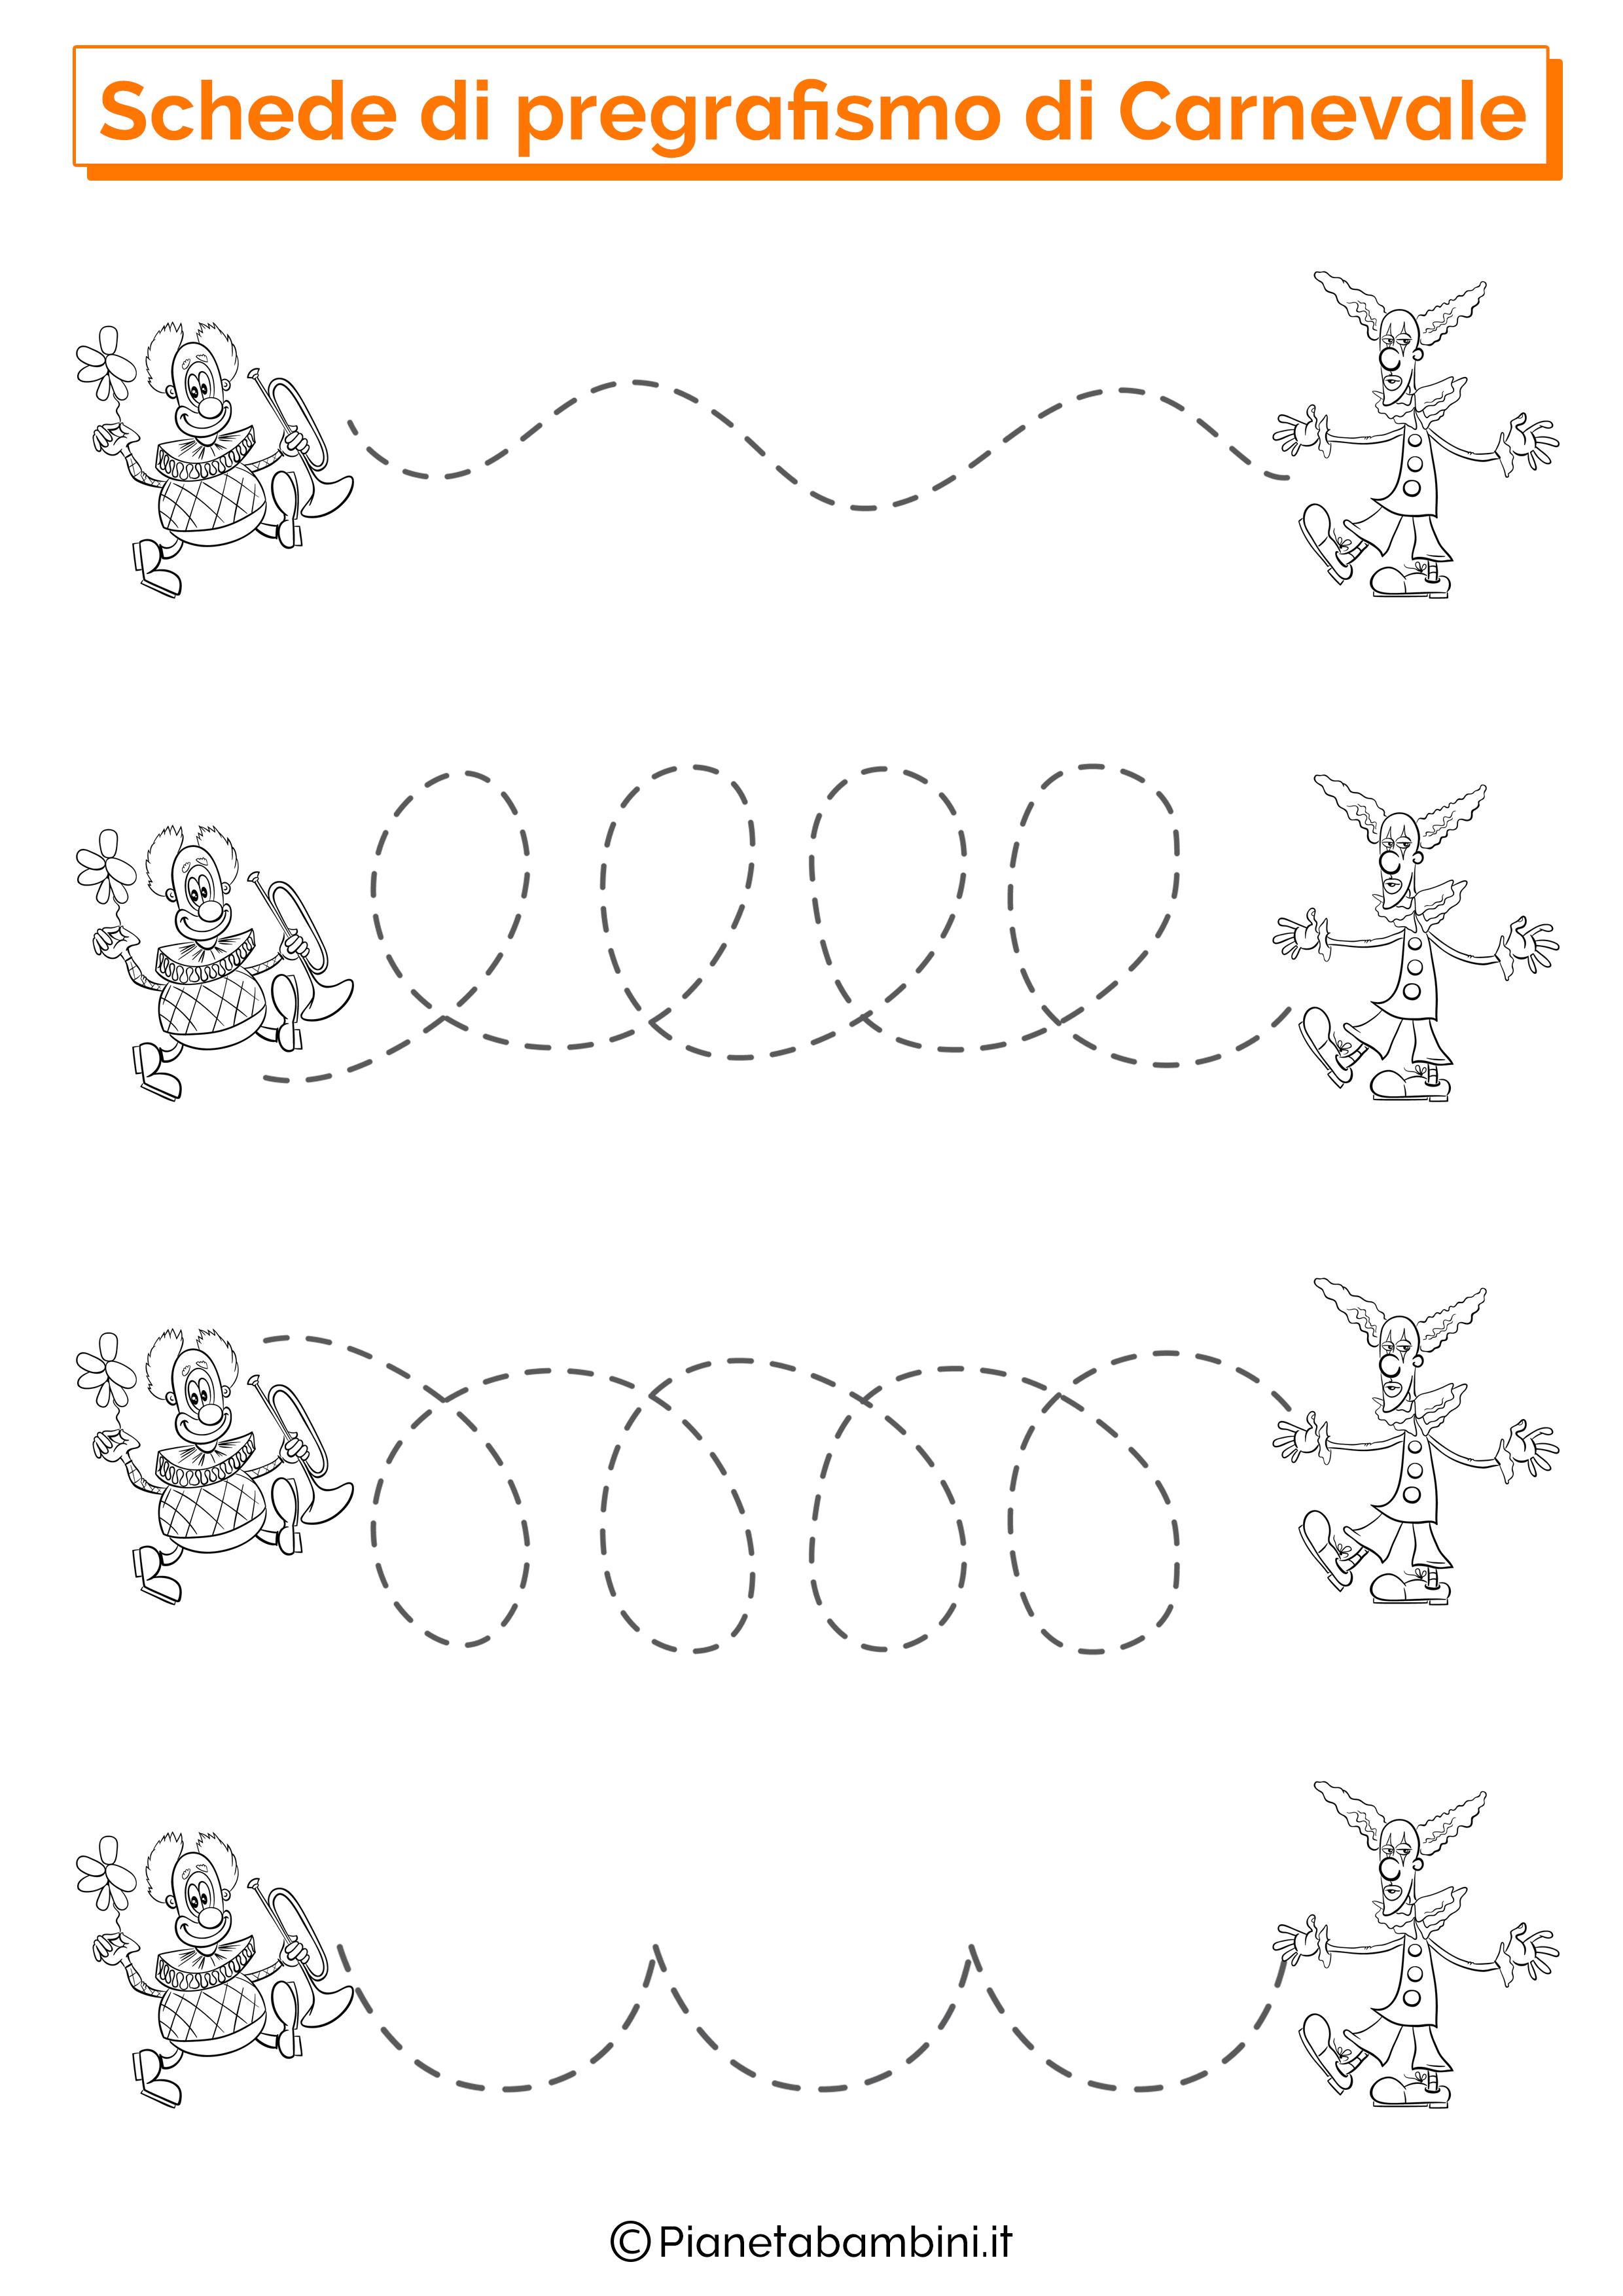 Schede di Pregrafismo di Carnevale sulle linee 2